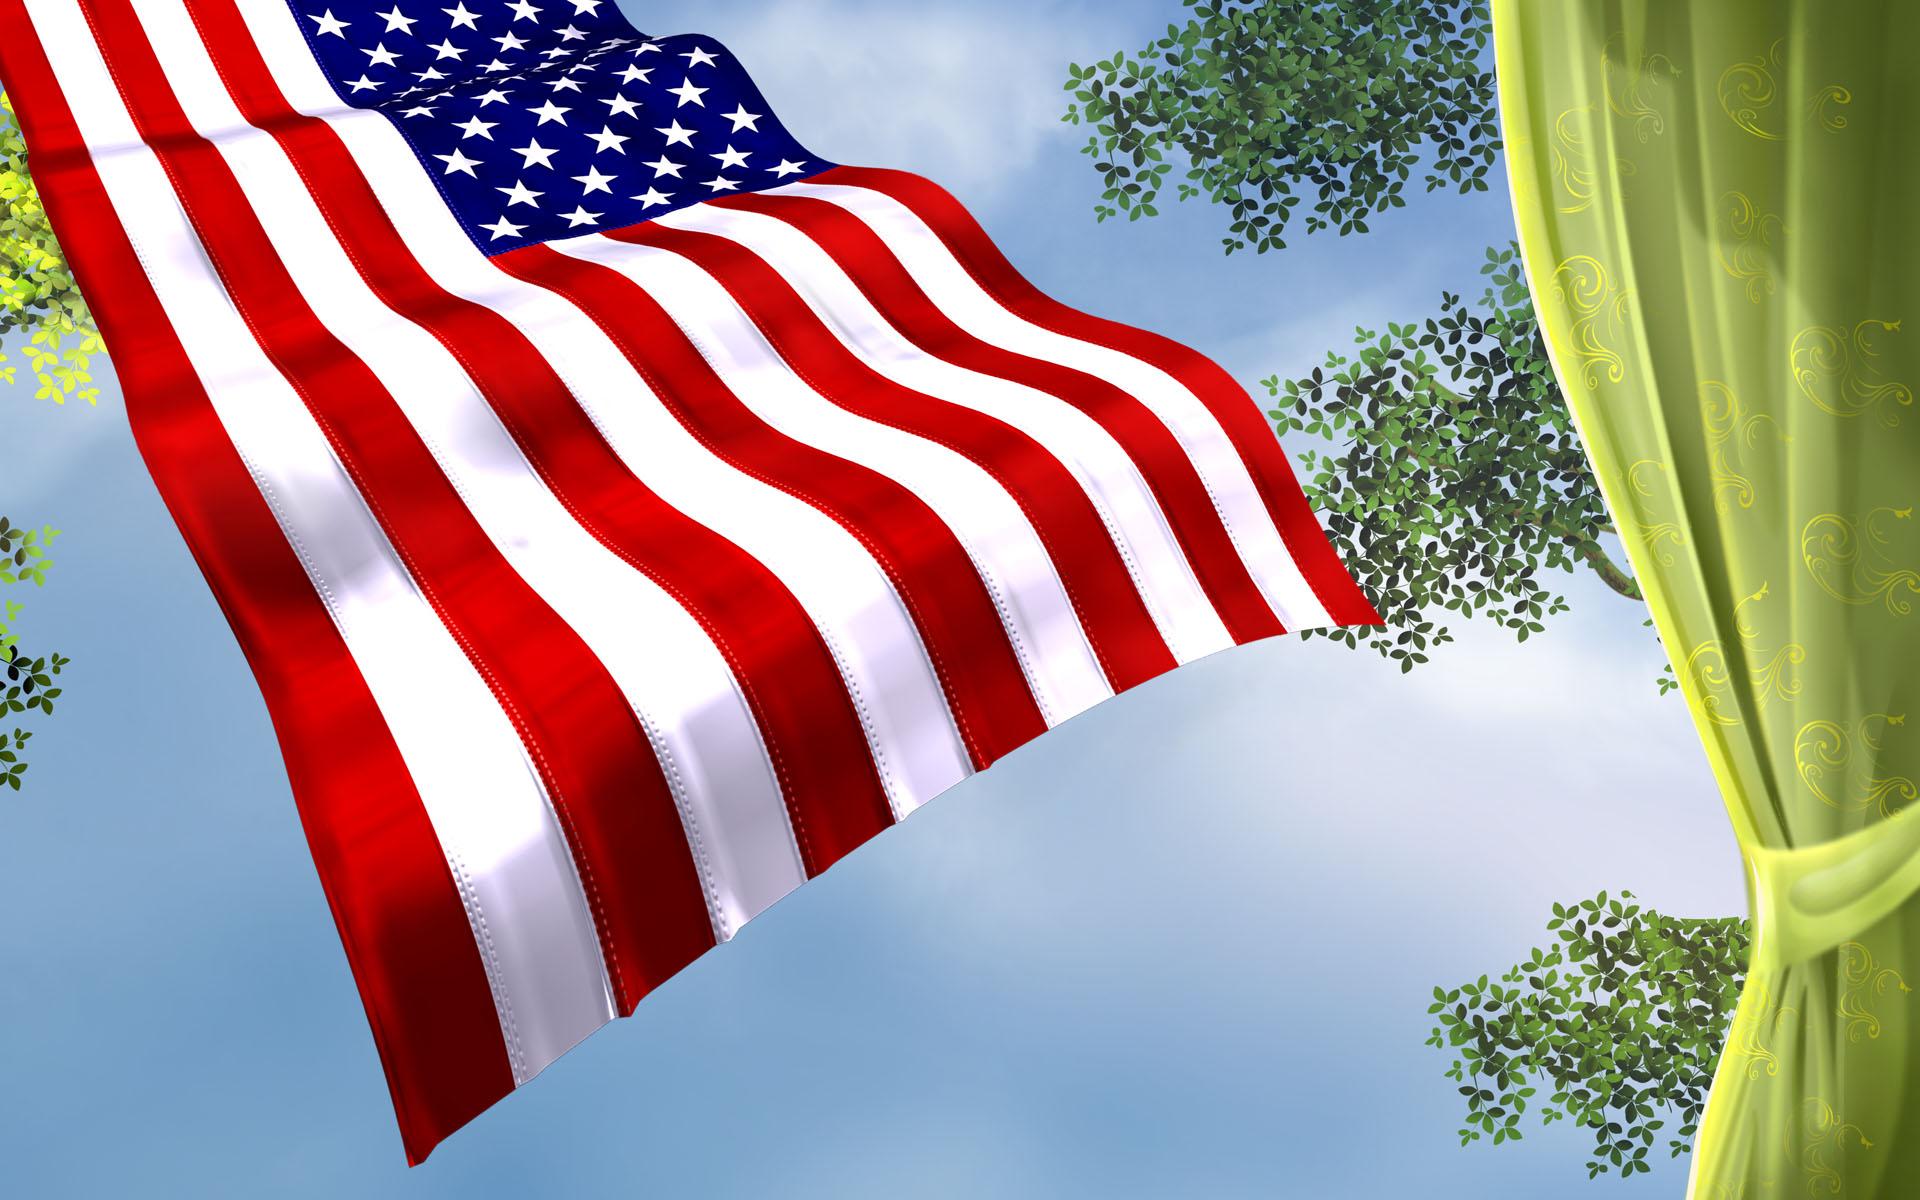 Американский флаг картинки прикольные, прикольные петухи доброе